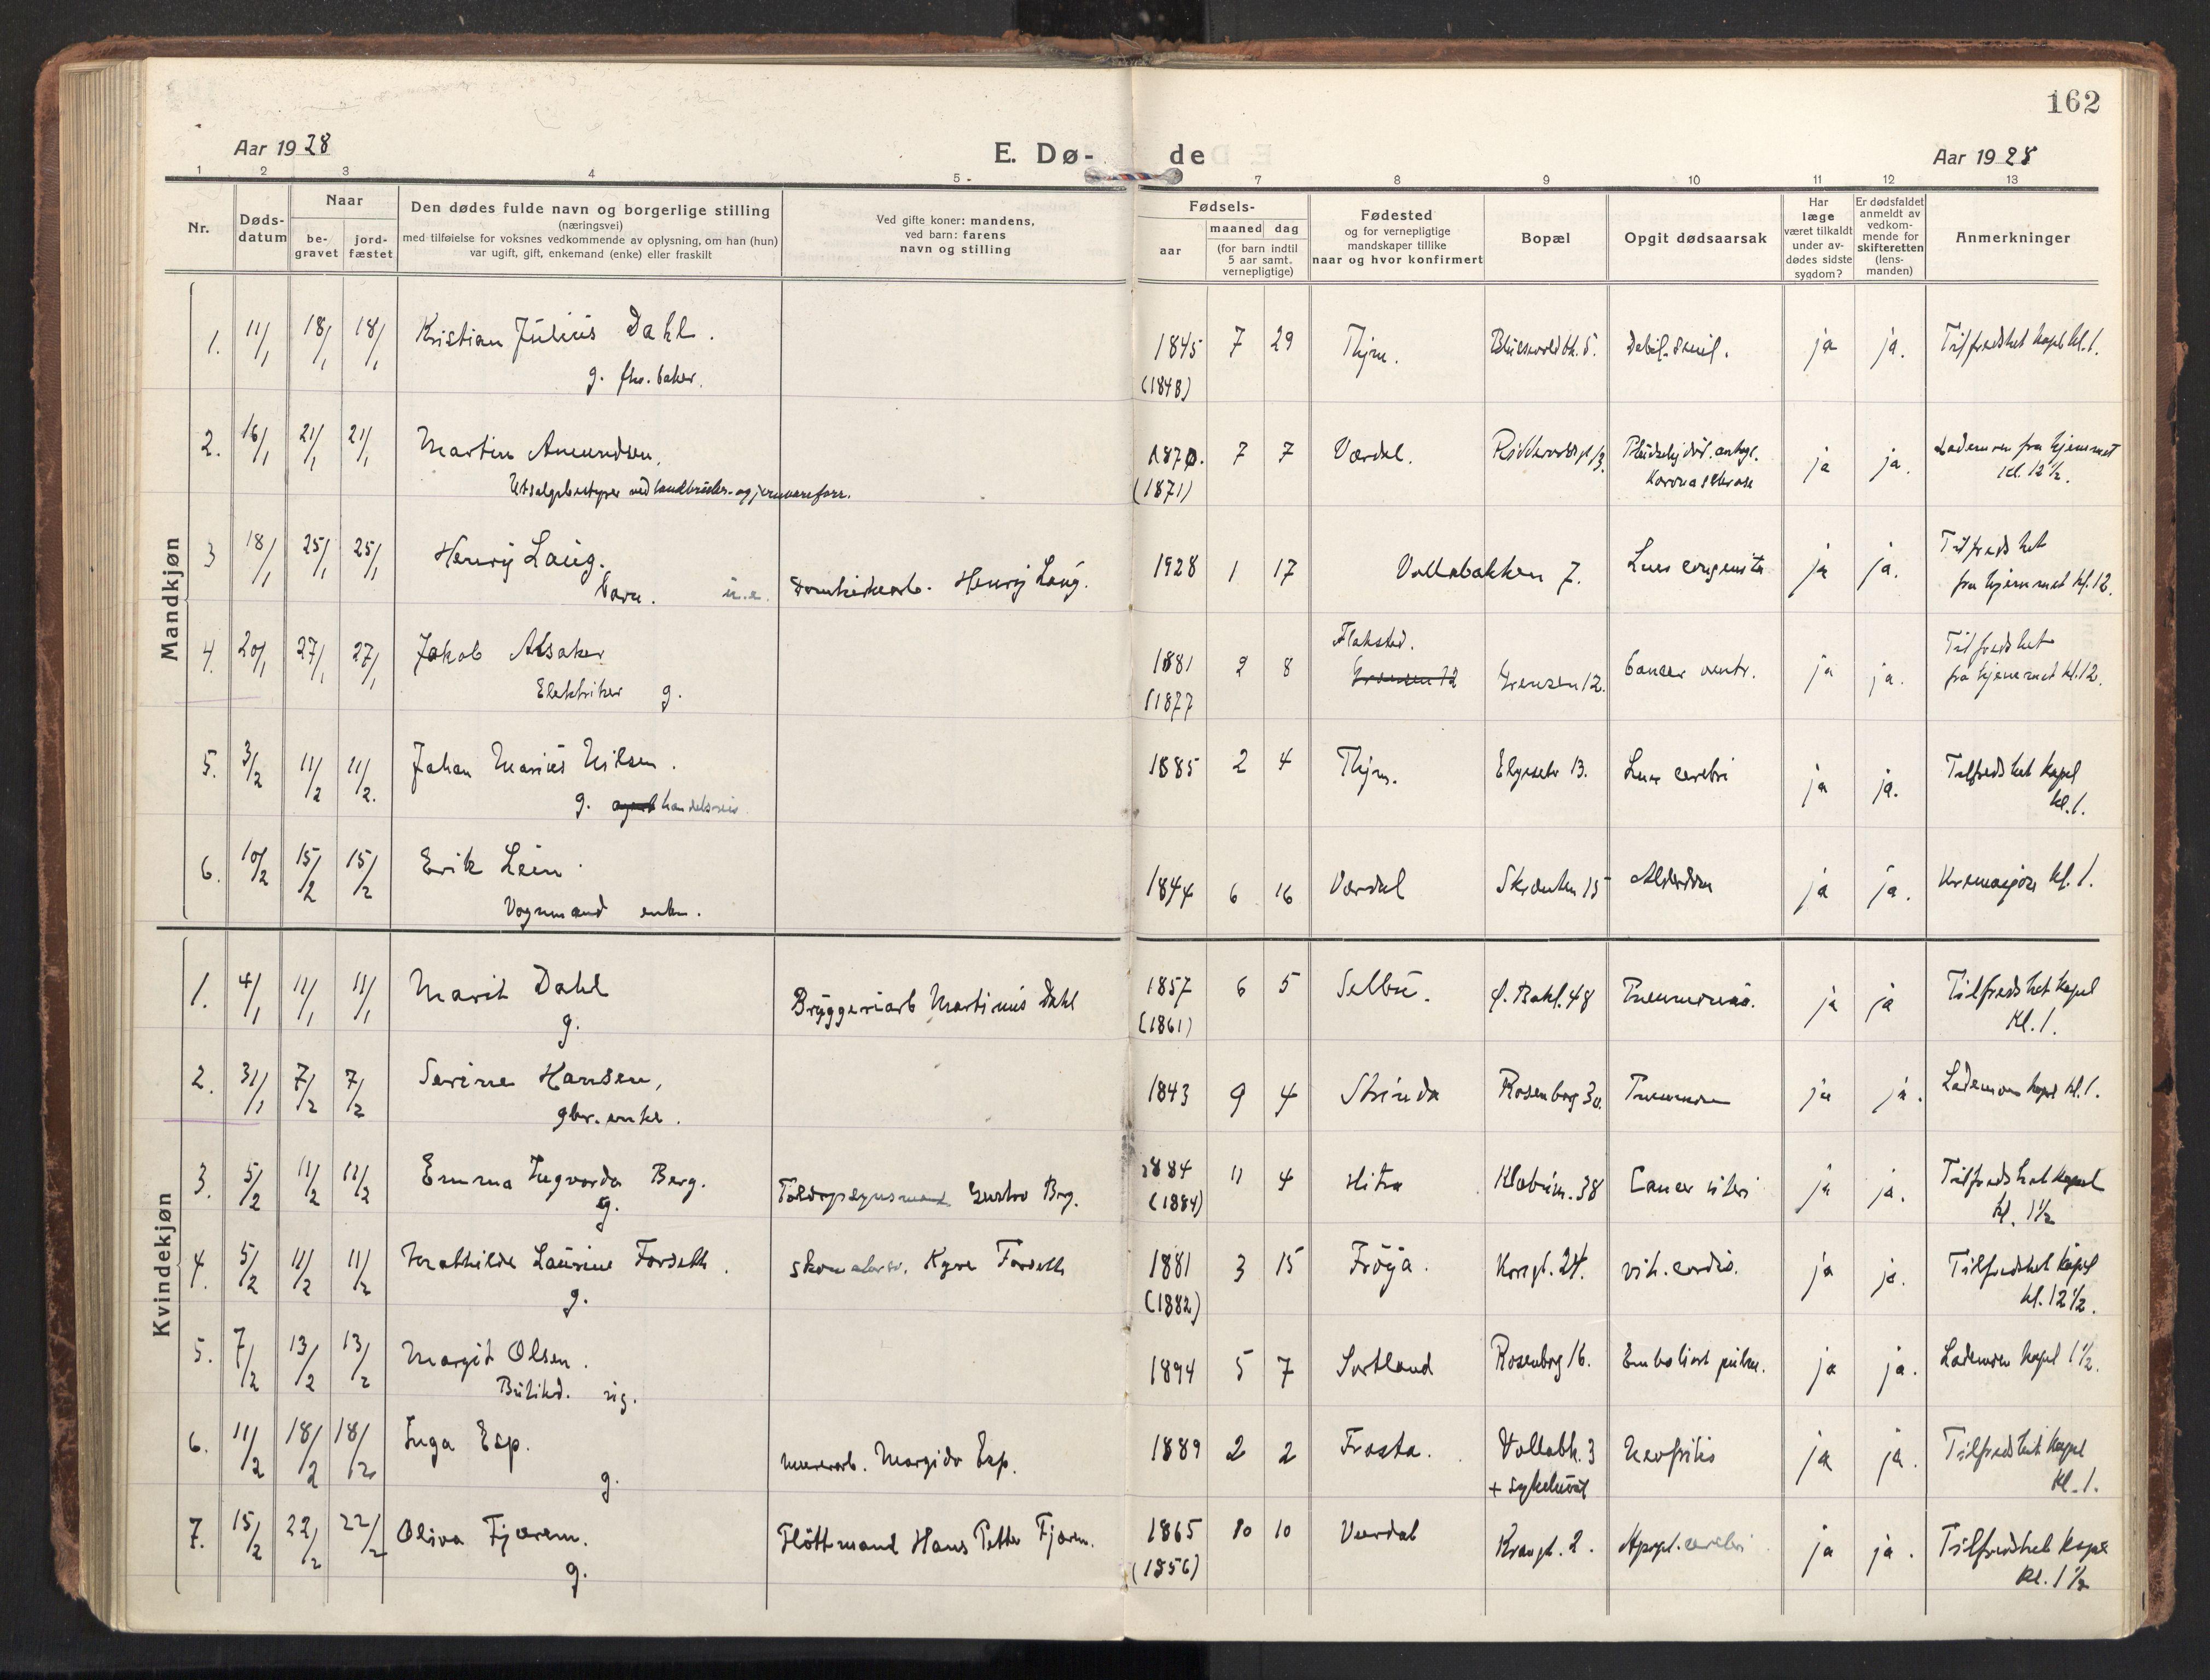 SAT, Ministerialprotokoller, klokkerbøker og fødselsregistre - Sør-Trøndelag, 604/L0207: Ministerialbok nr. 604A27, 1917-1933, s. 162